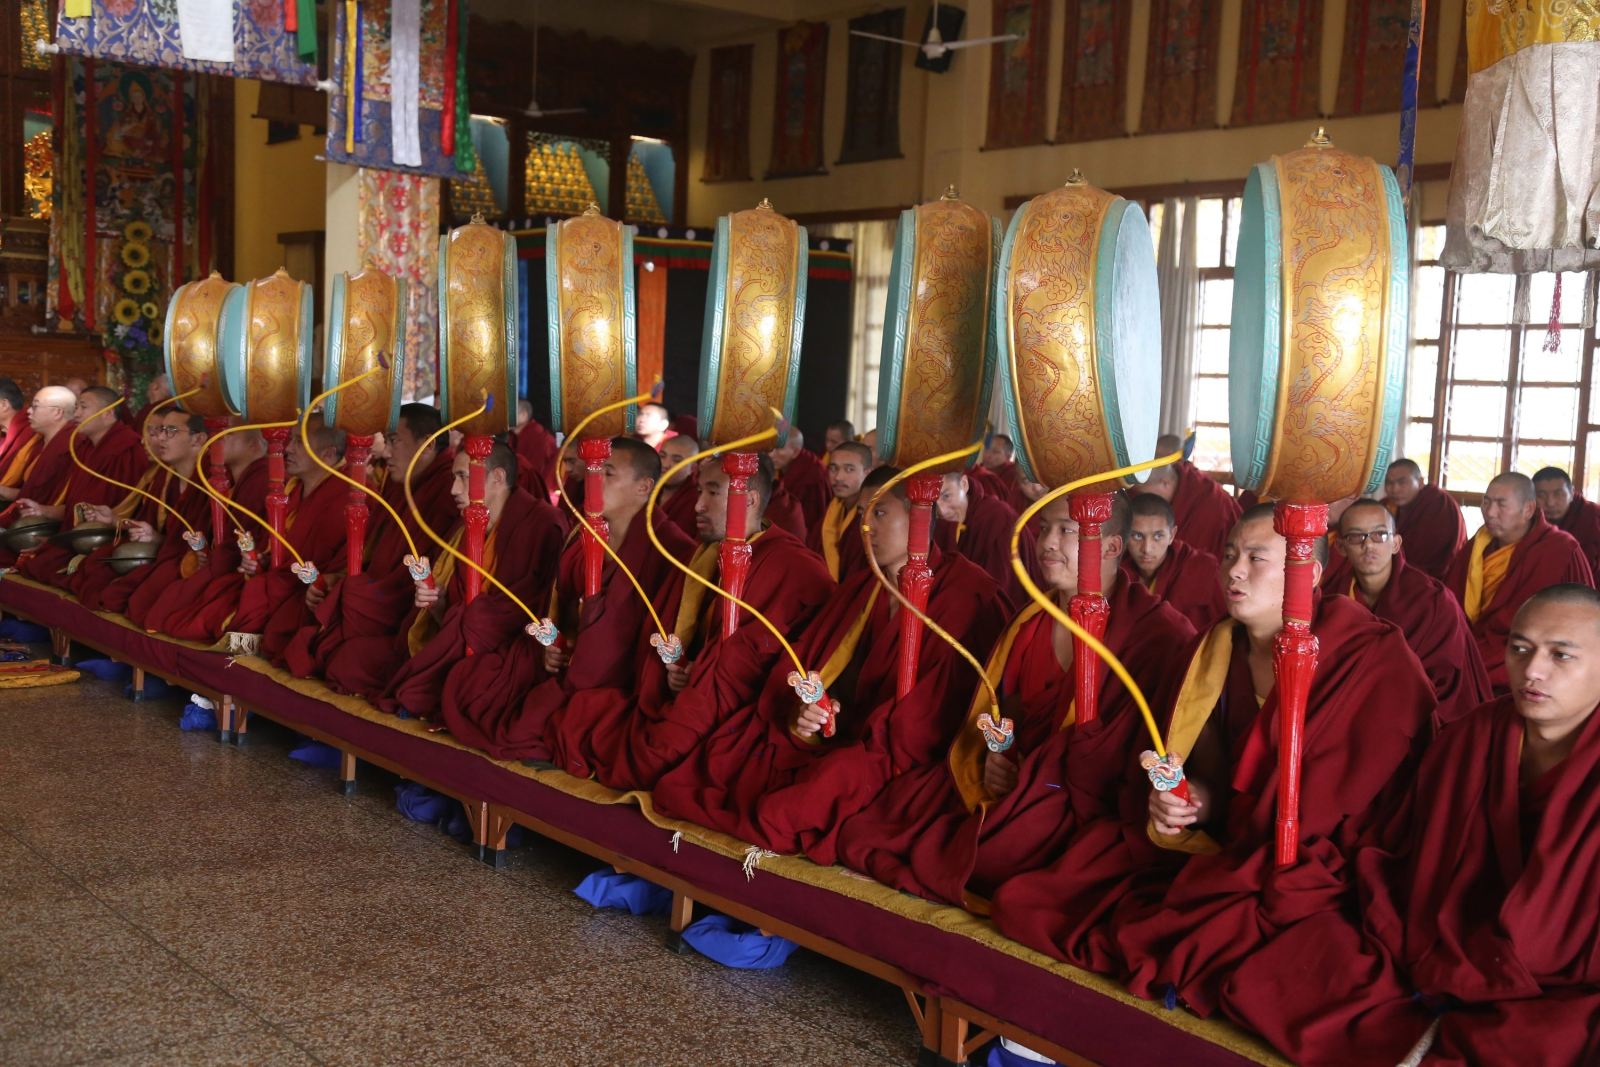 Buddyjscy mnisi z tybetańskiego klasztoru Gyuto modlą się z okazji Tybetańskiego Nowego Roku., Dharmsala, Indie.